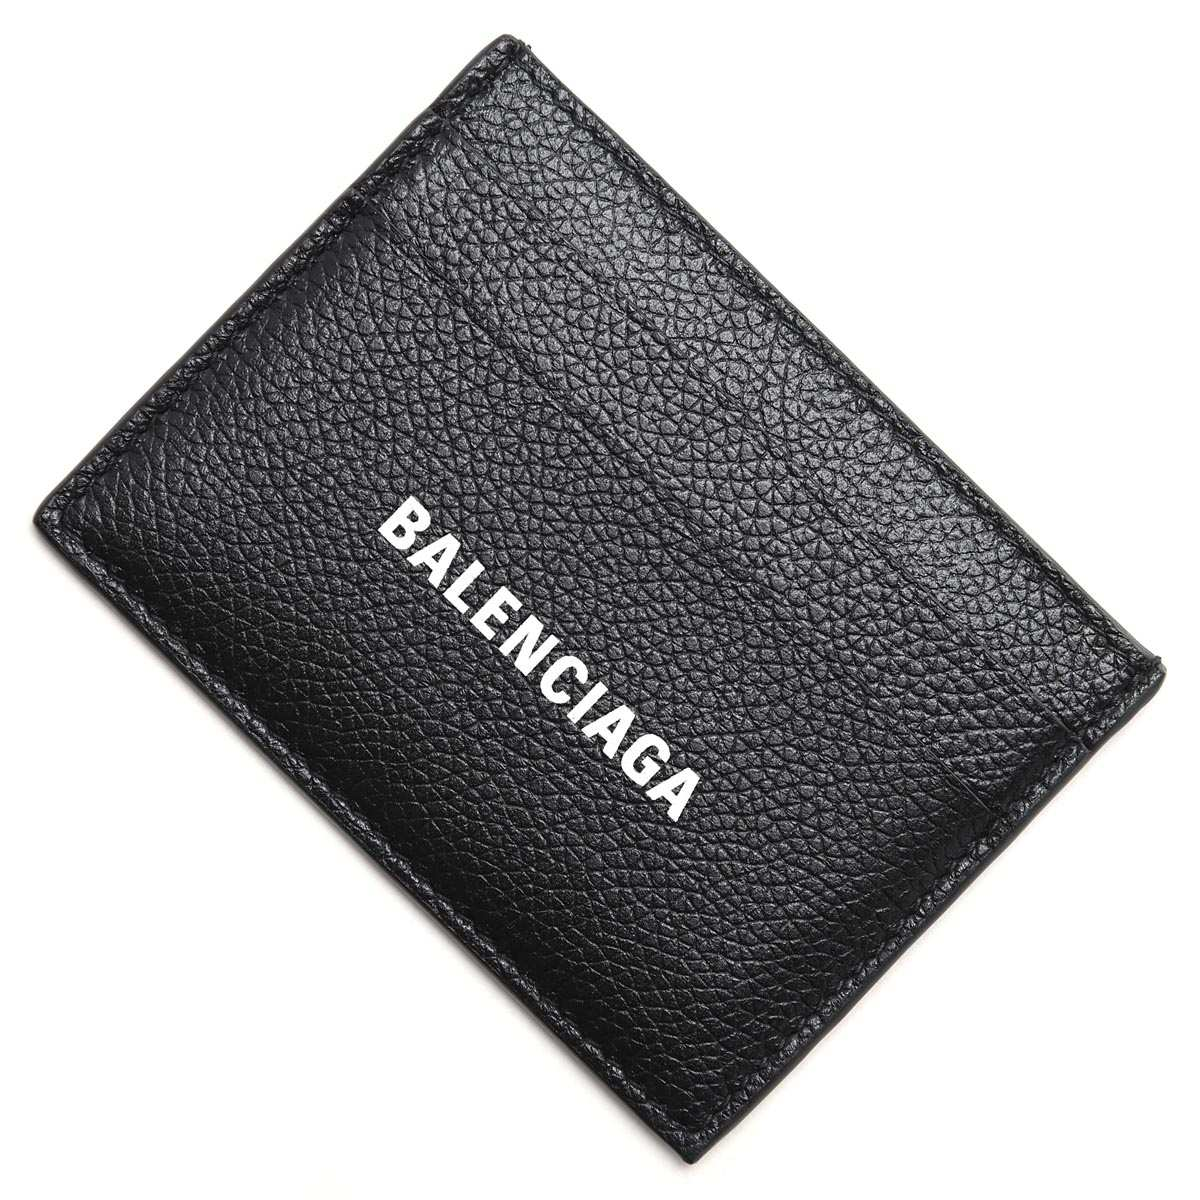 送料無料 バレンシアガ BALENCIAGA カードケース LOGO PRINTED CARDHOLDER 高価値 ブラック あす楽対応_関東 メンズ ラッピング無料 1izi3 期間限定の激安セール 1090 594309 返品送料無料